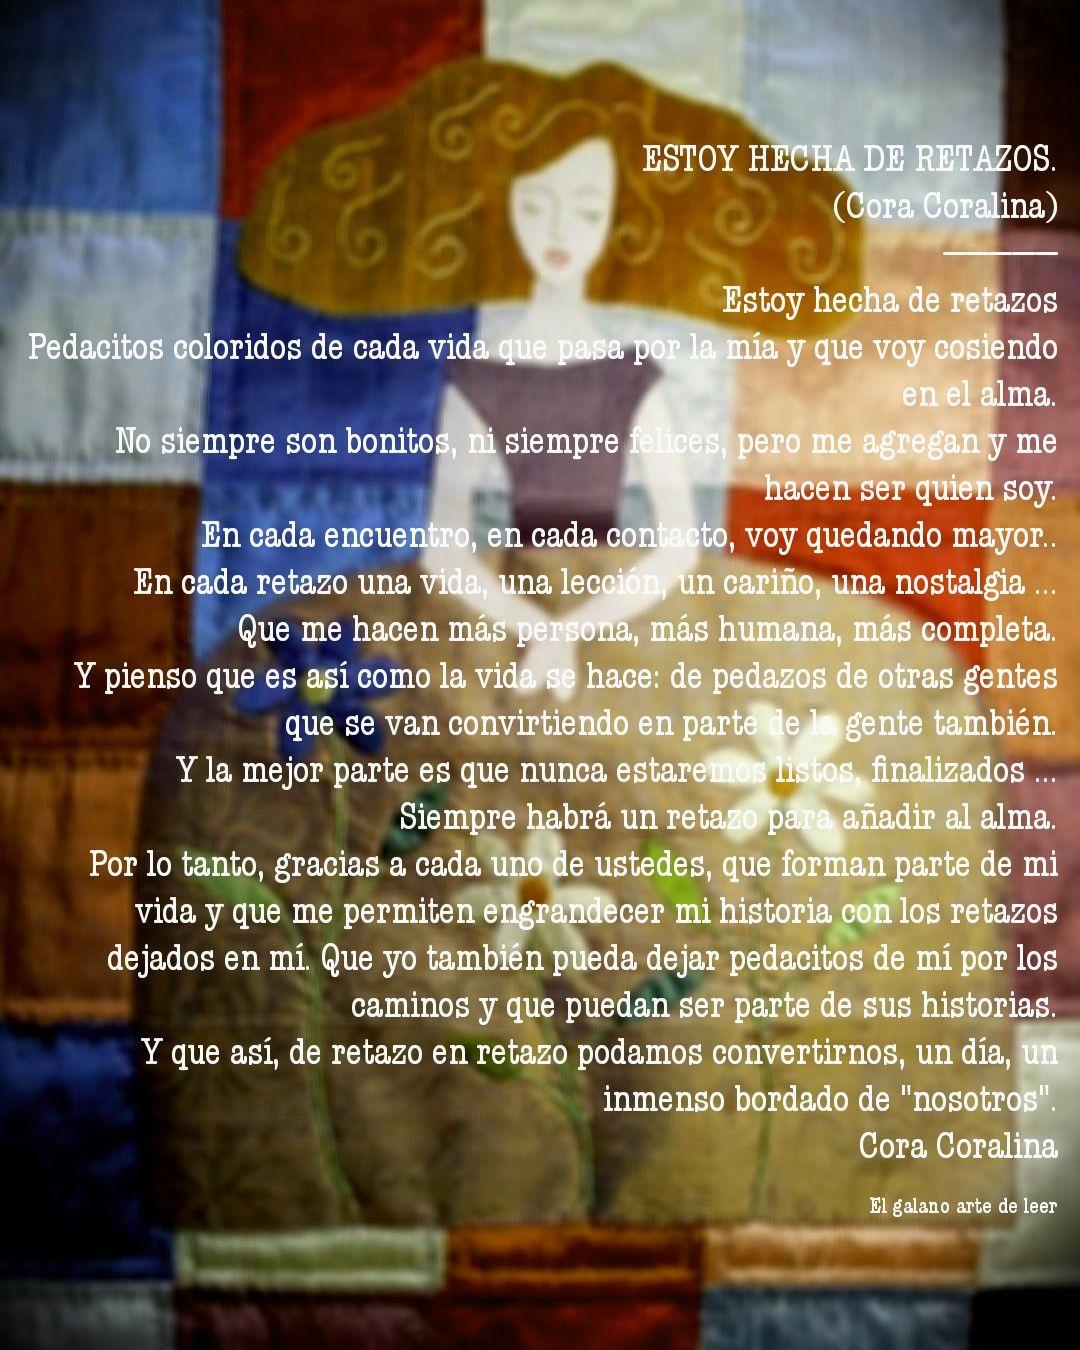 Pin De El Galano Arte De Leer En Frases Literarias Frases Literarias Frases Feliz